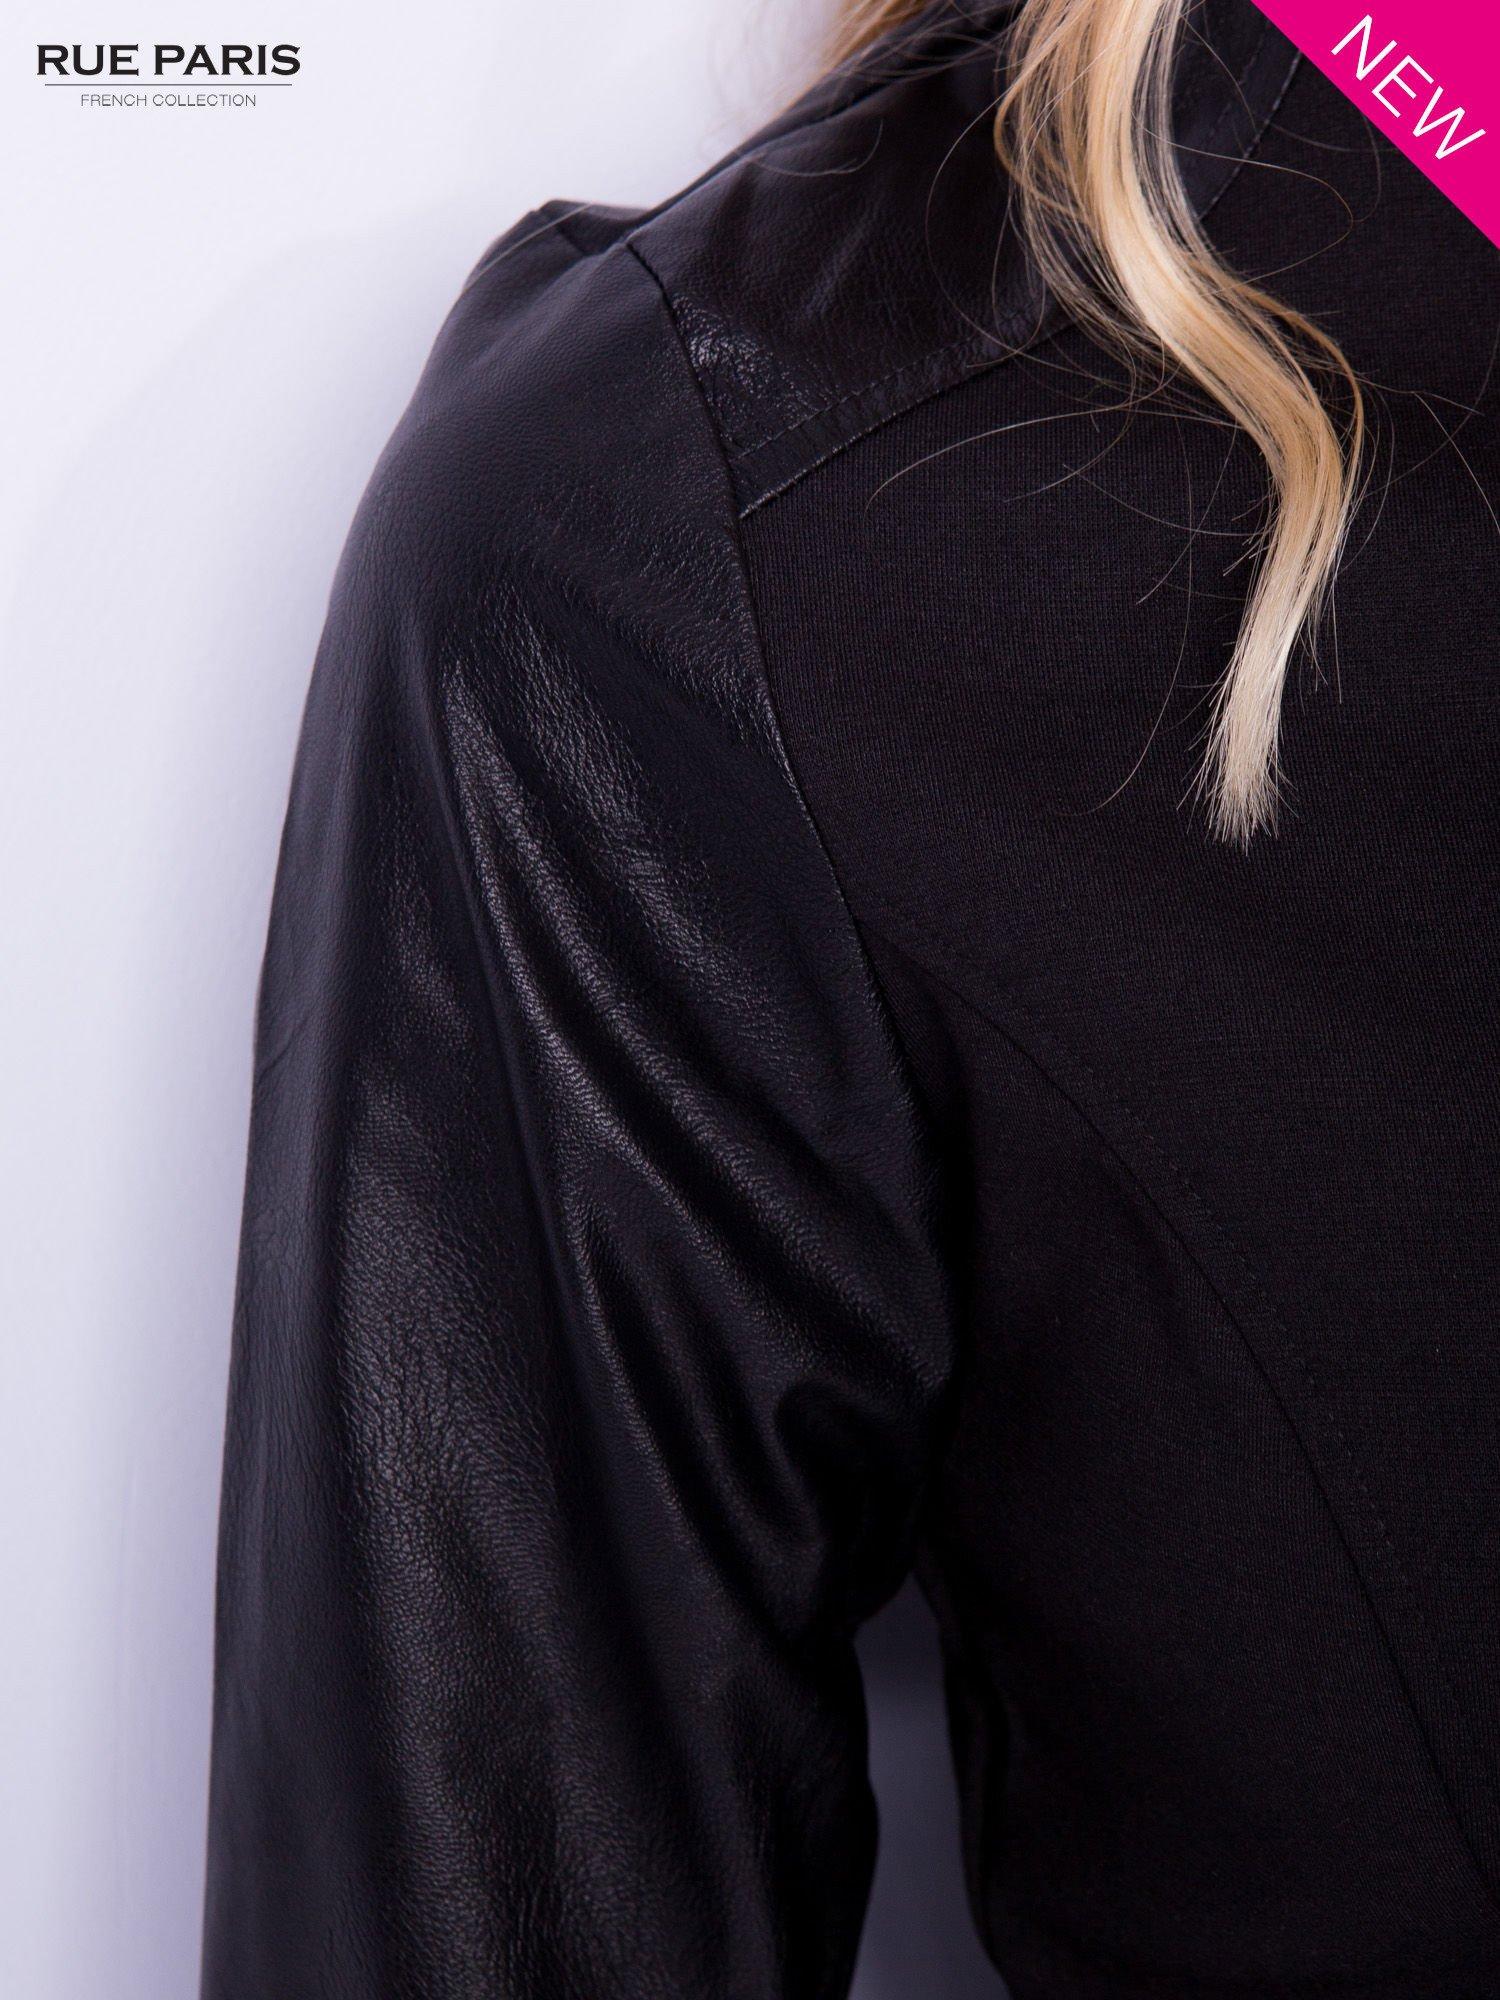 Stylowy Żakiet Ramoneska - Musisz to Zobaczyć                                  zdj.                                  4